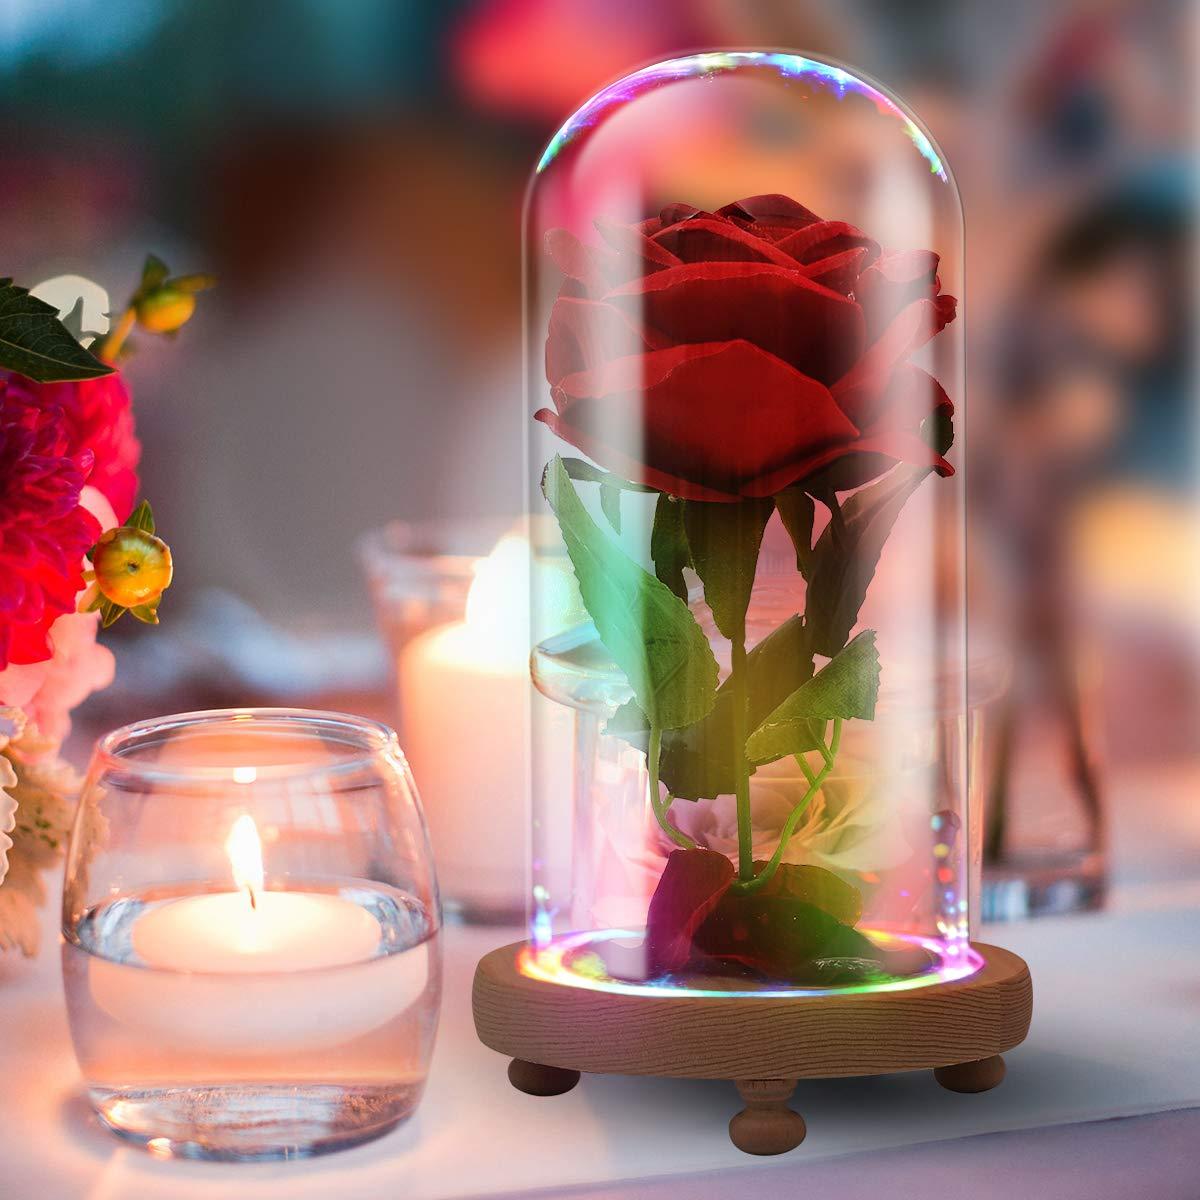 La Bella y la Bestia Red Velvet Rose Lámpara LED de Colores en cúpula de Cristal, Regalo romántico para Mujeres y niñas, diseño de película, Regalos de Fiesta, decoración de Boda